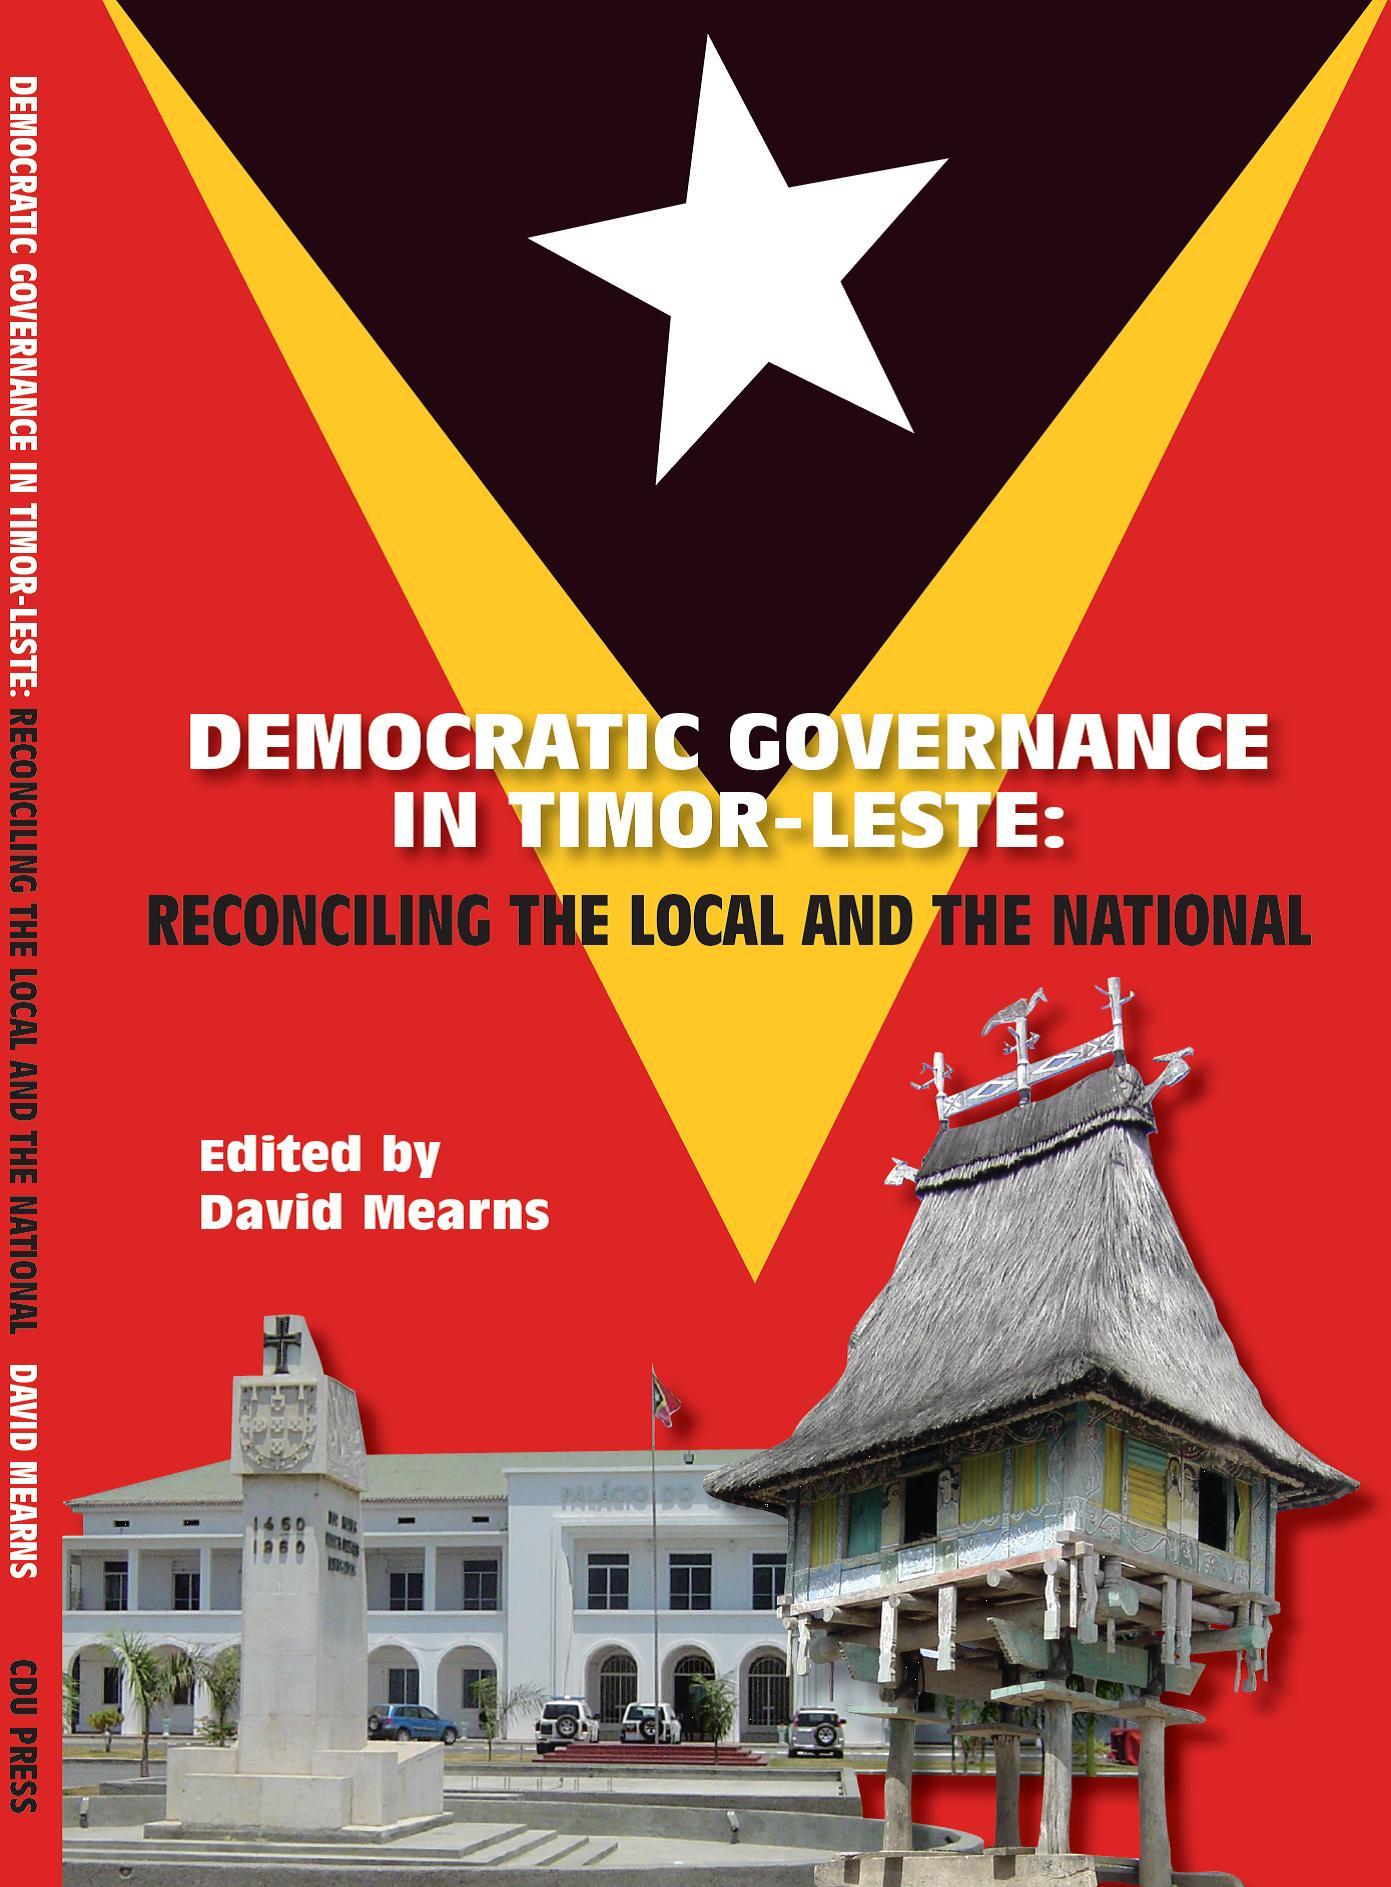 Democratic Governance in Timor-Leste